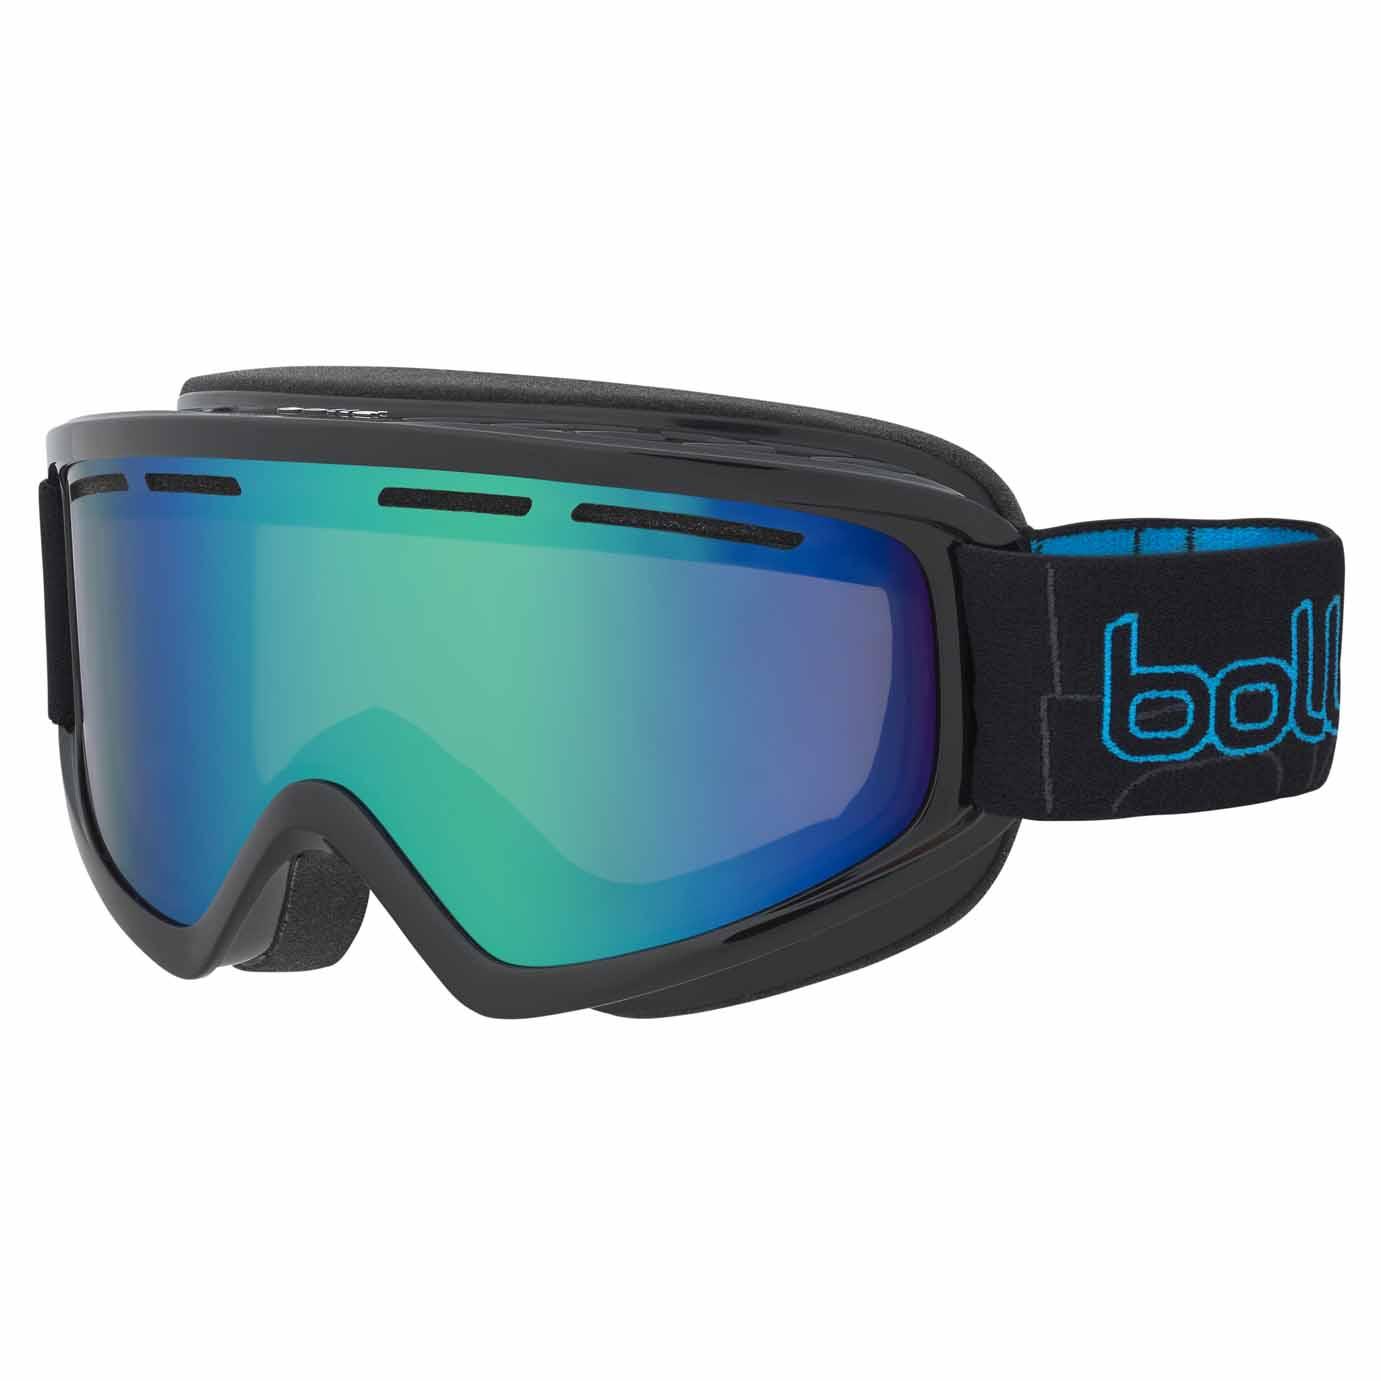 e59ca5a6ec0 Bolle Ski Goggles 2017 « Heritage Malta